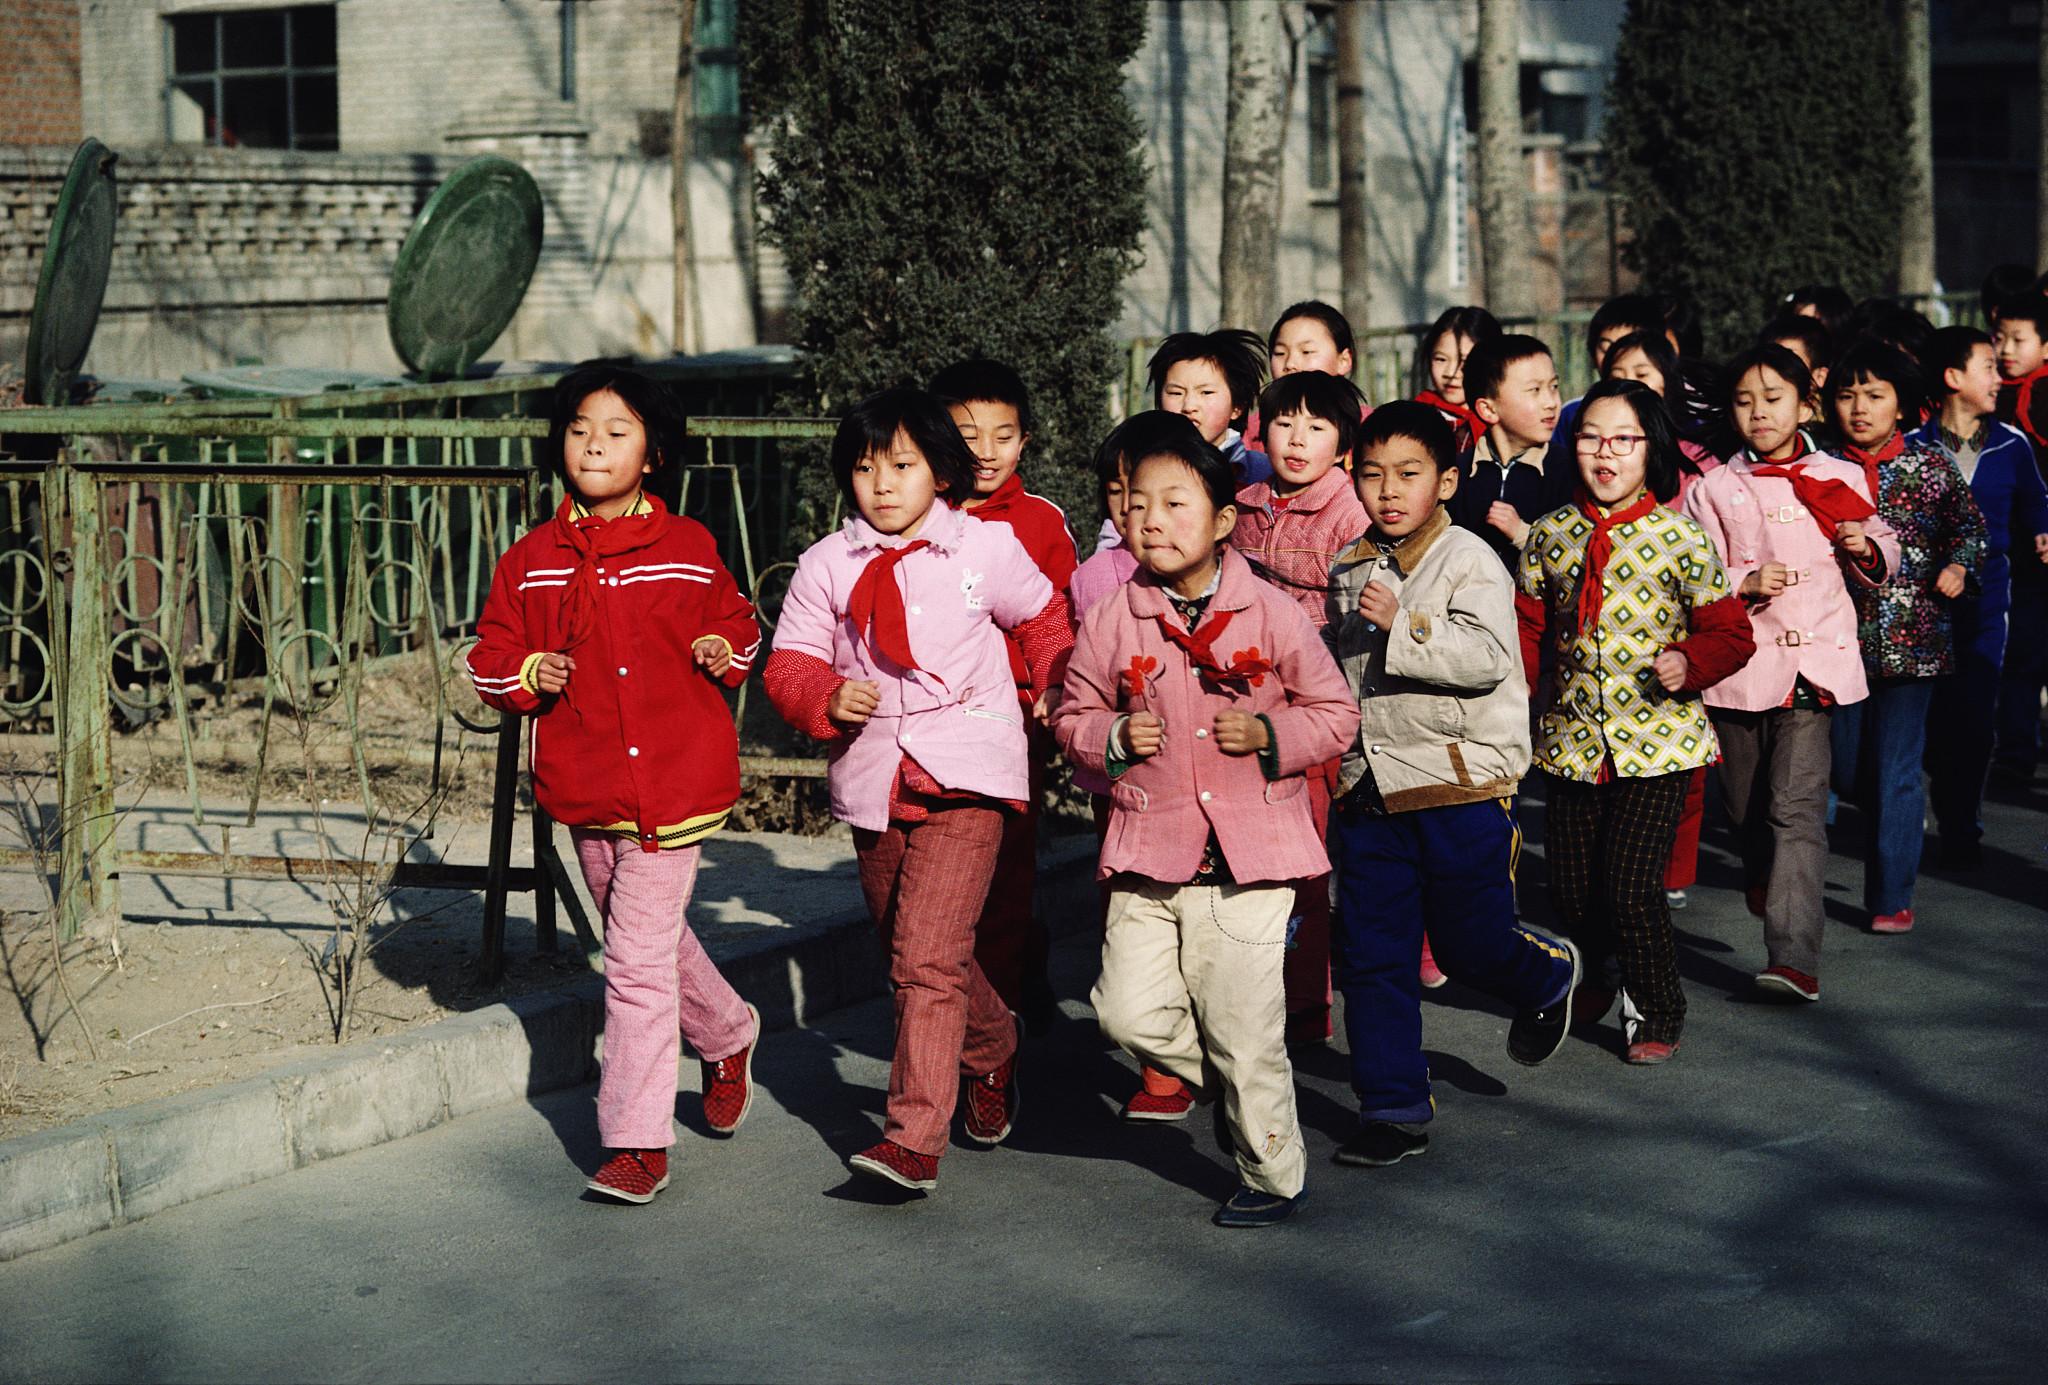 昨天的中国:法国摄影师拍下纯朴的八九十年代